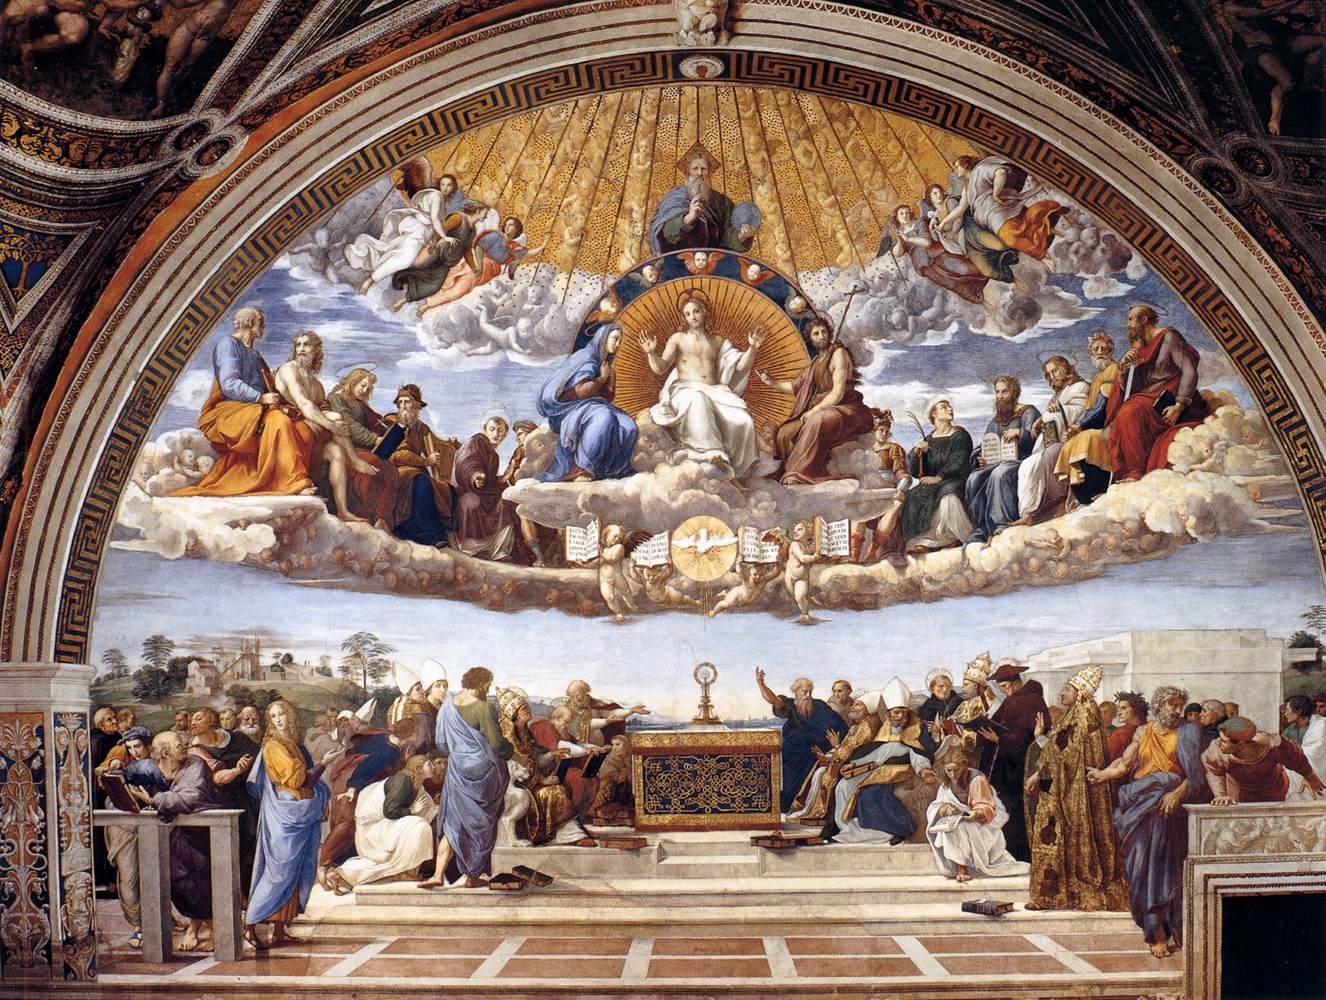 Rasprava o svetim sakramentima (Rafaelo, Sikstinska kapela u Rimu)